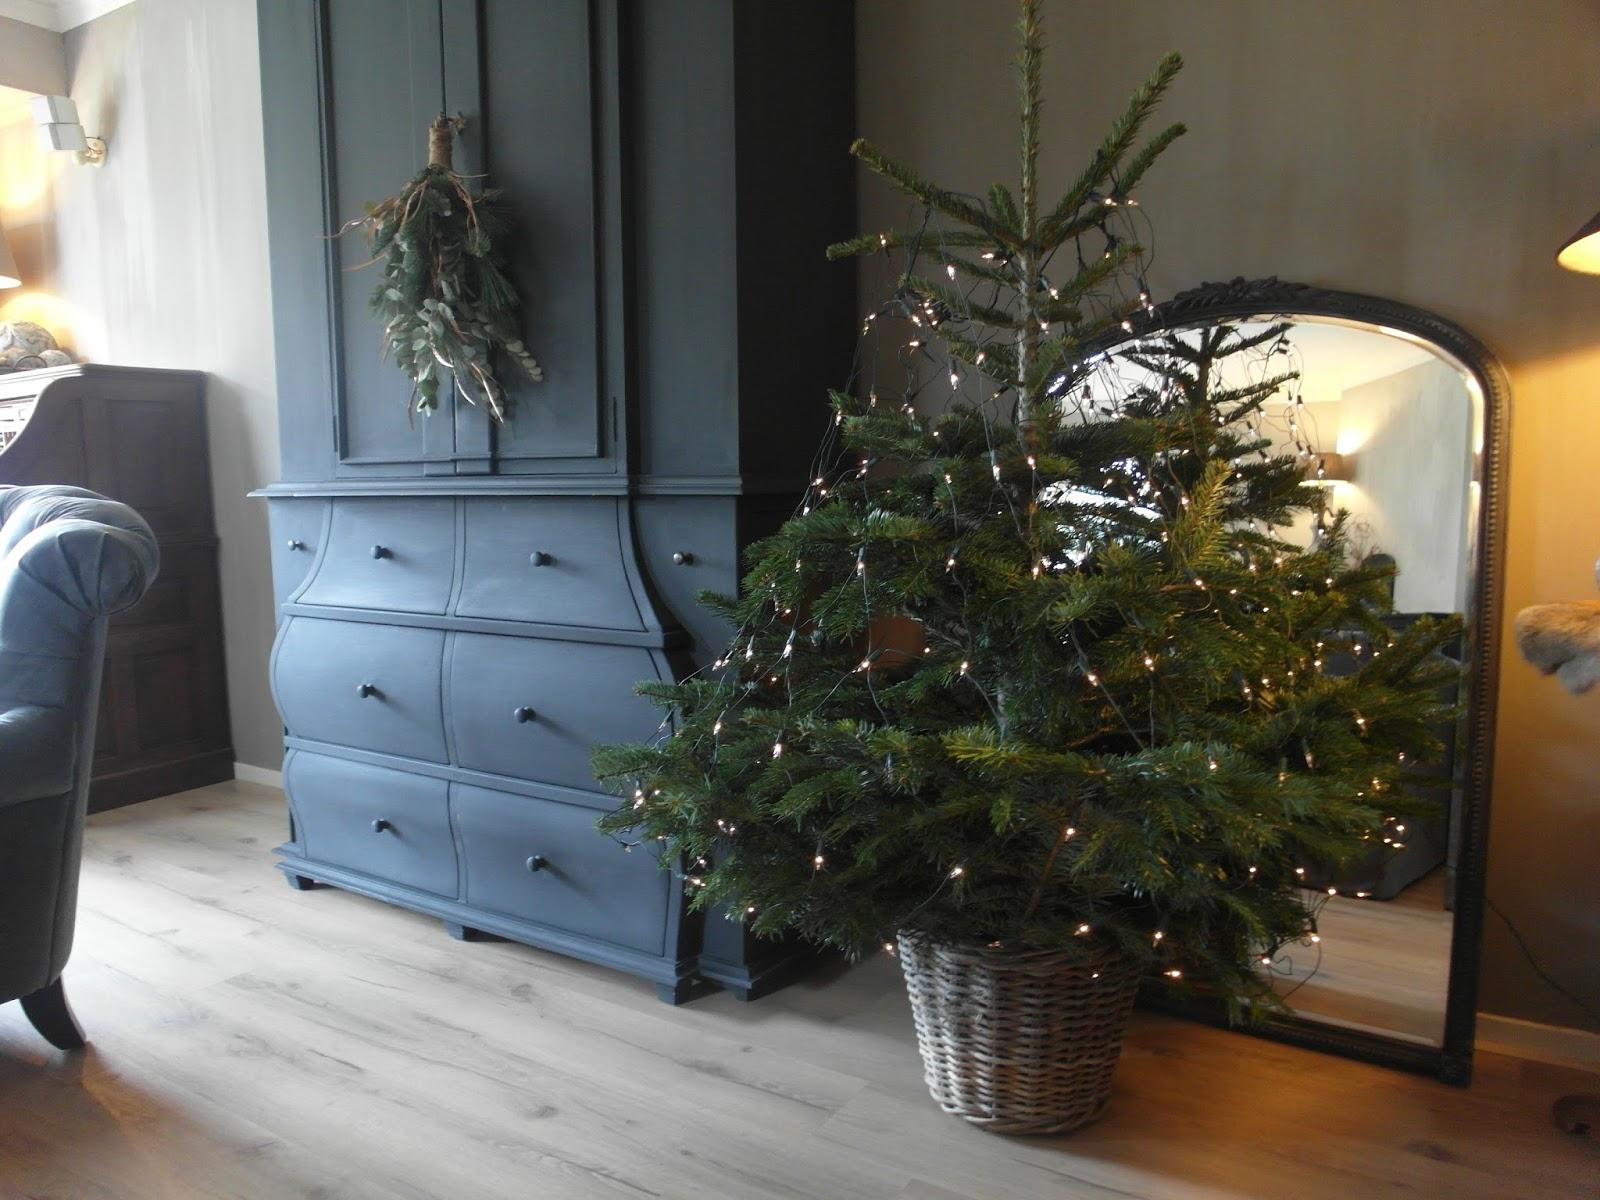 Keukenlamp Landelijk : Een kerstboompje bij AH vandaan met alleen wat lichtjes (ik hou niet